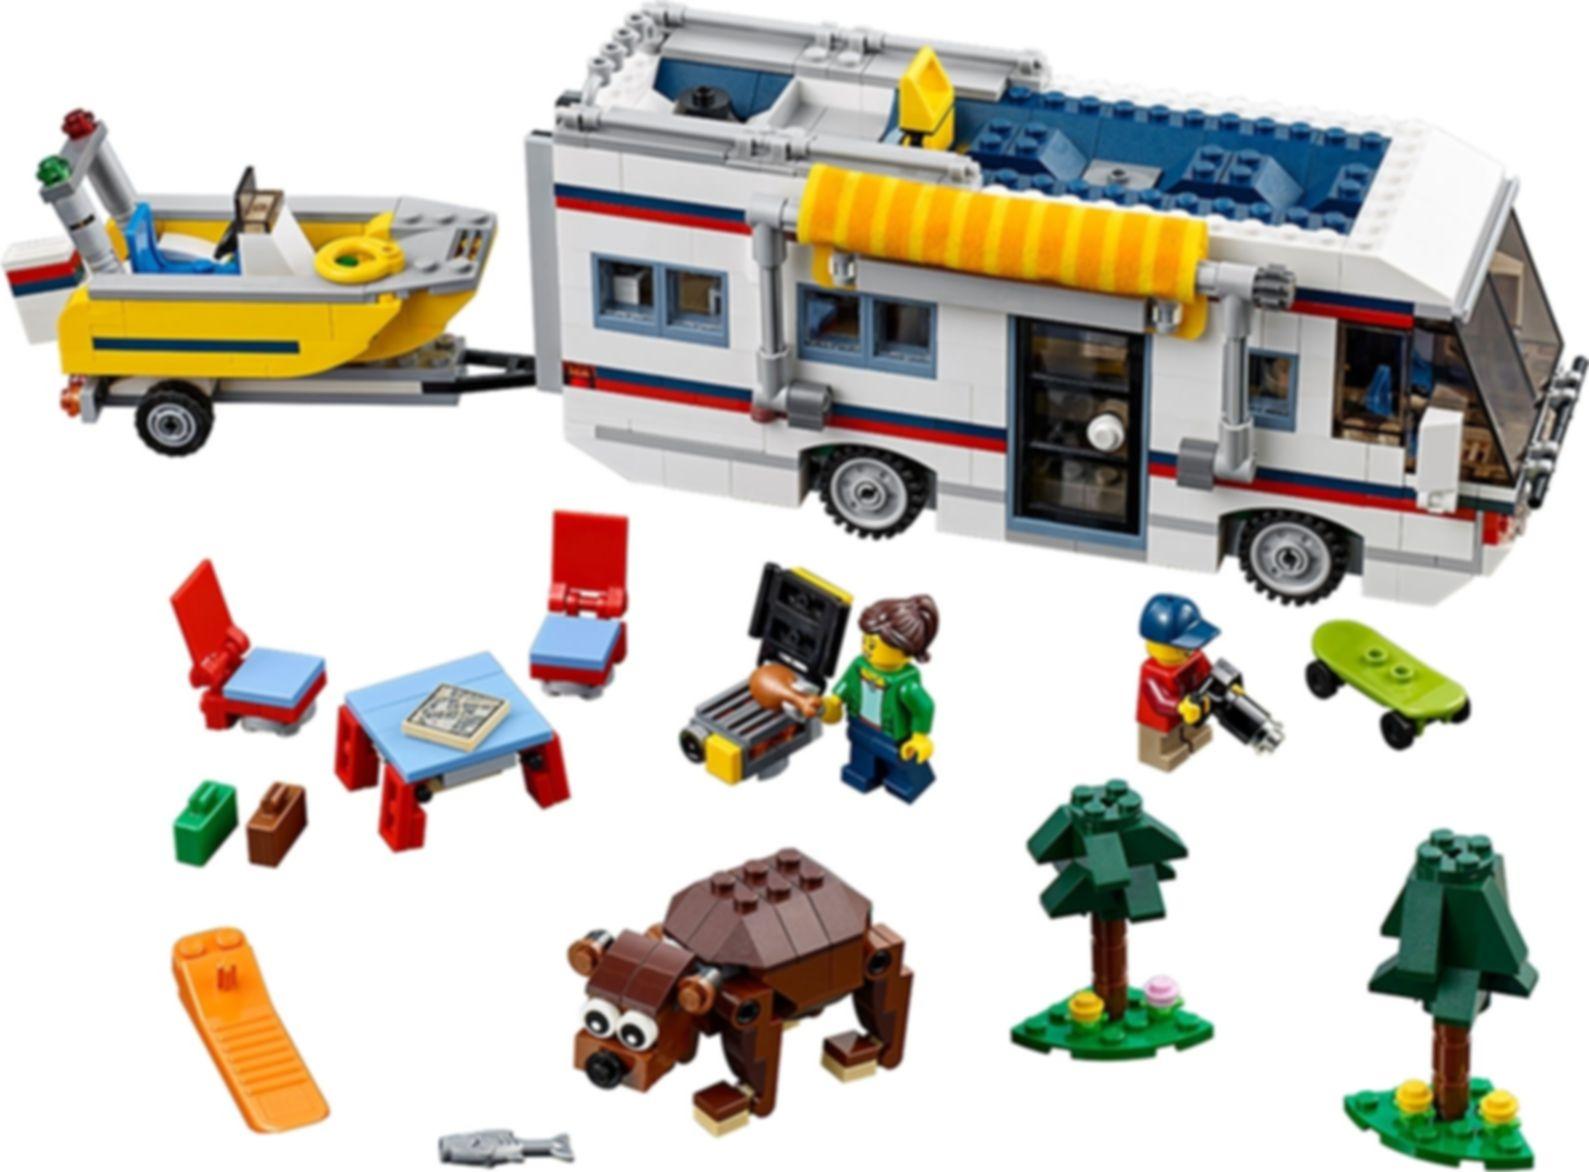 LEGO® Creator Vacation Getaways components